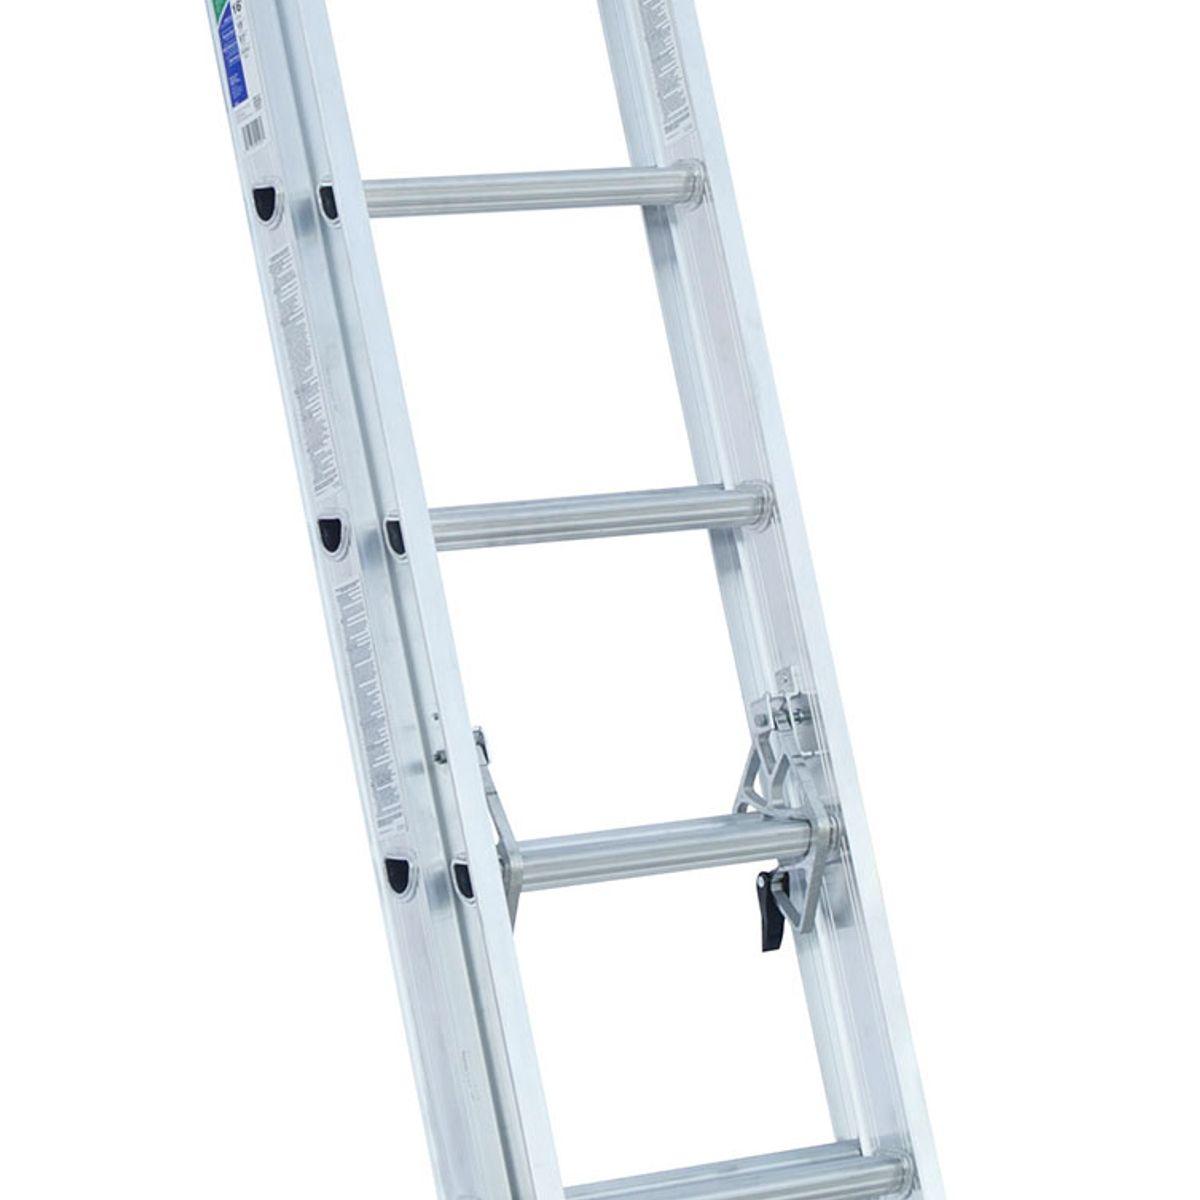 D1216-2 Extension Ladders - Werner US  sc 1 st  Werner Ladder & D1216-2 | Extension Ladders | Werner US